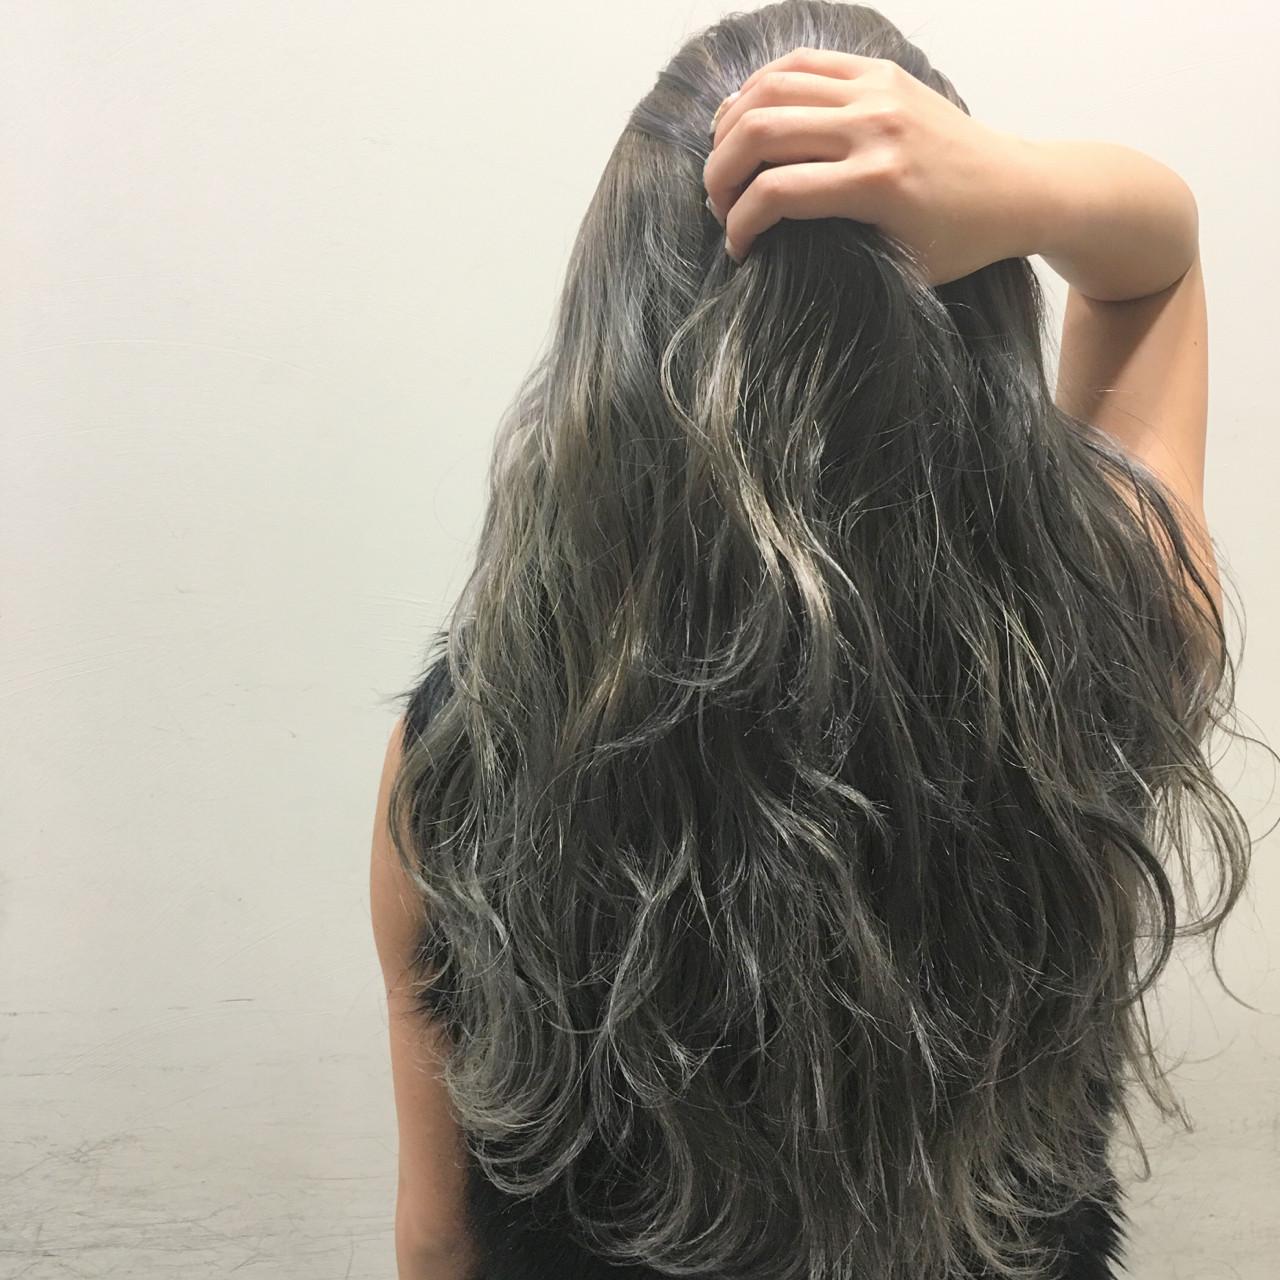 ハイライト 外国人風 ブラウン 暗髪 ヘアスタイルや髪型の写真・画像